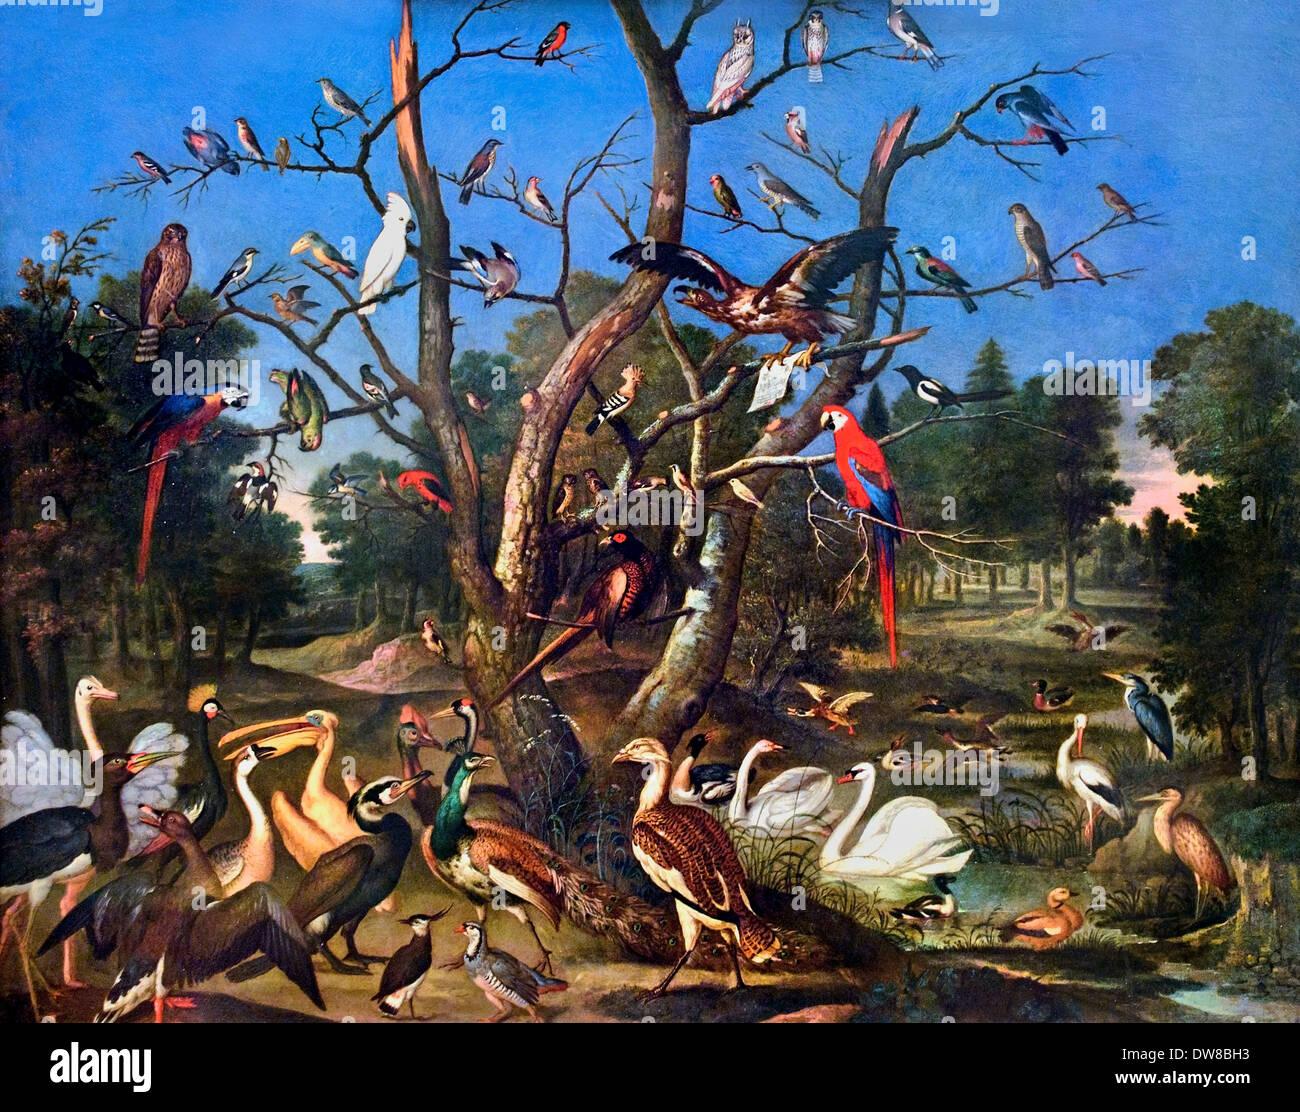 Konzert der Vogel - Concierto de Aves 1670 Franz de Hamilton alemán Alemania Imagen De Stock